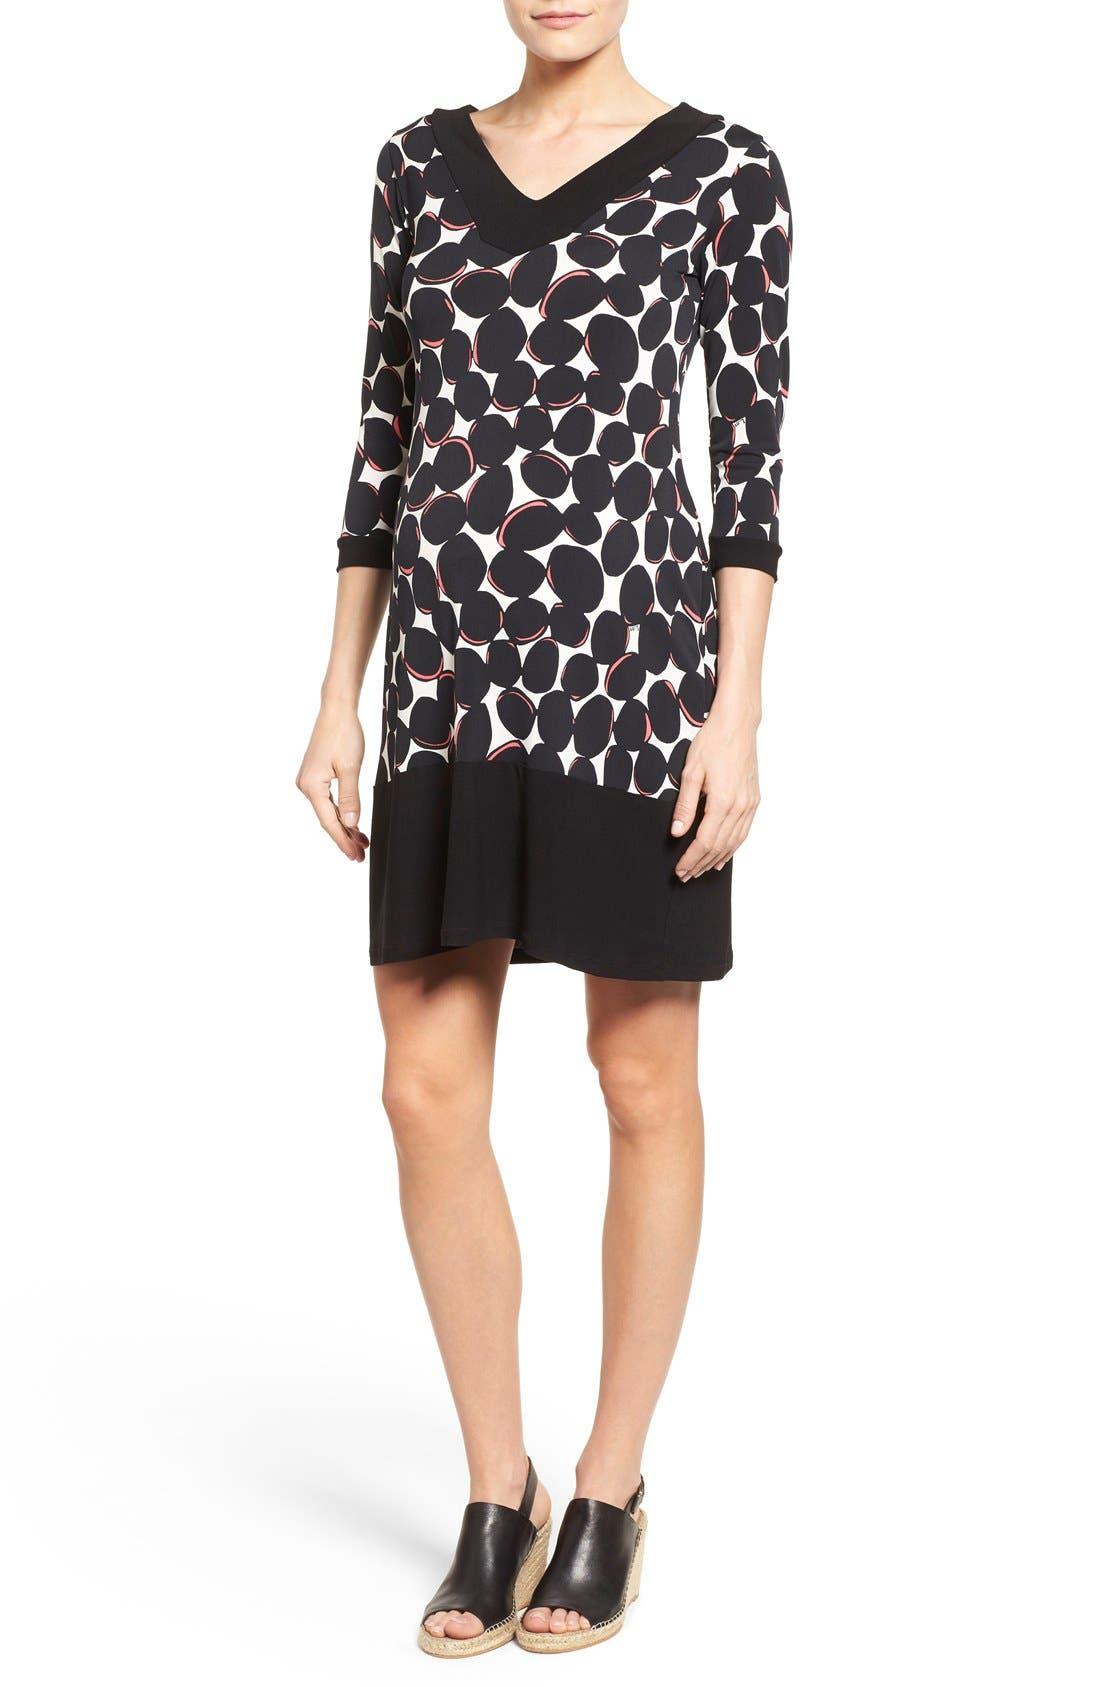 'OLIVIA' MATERNITY DRESS